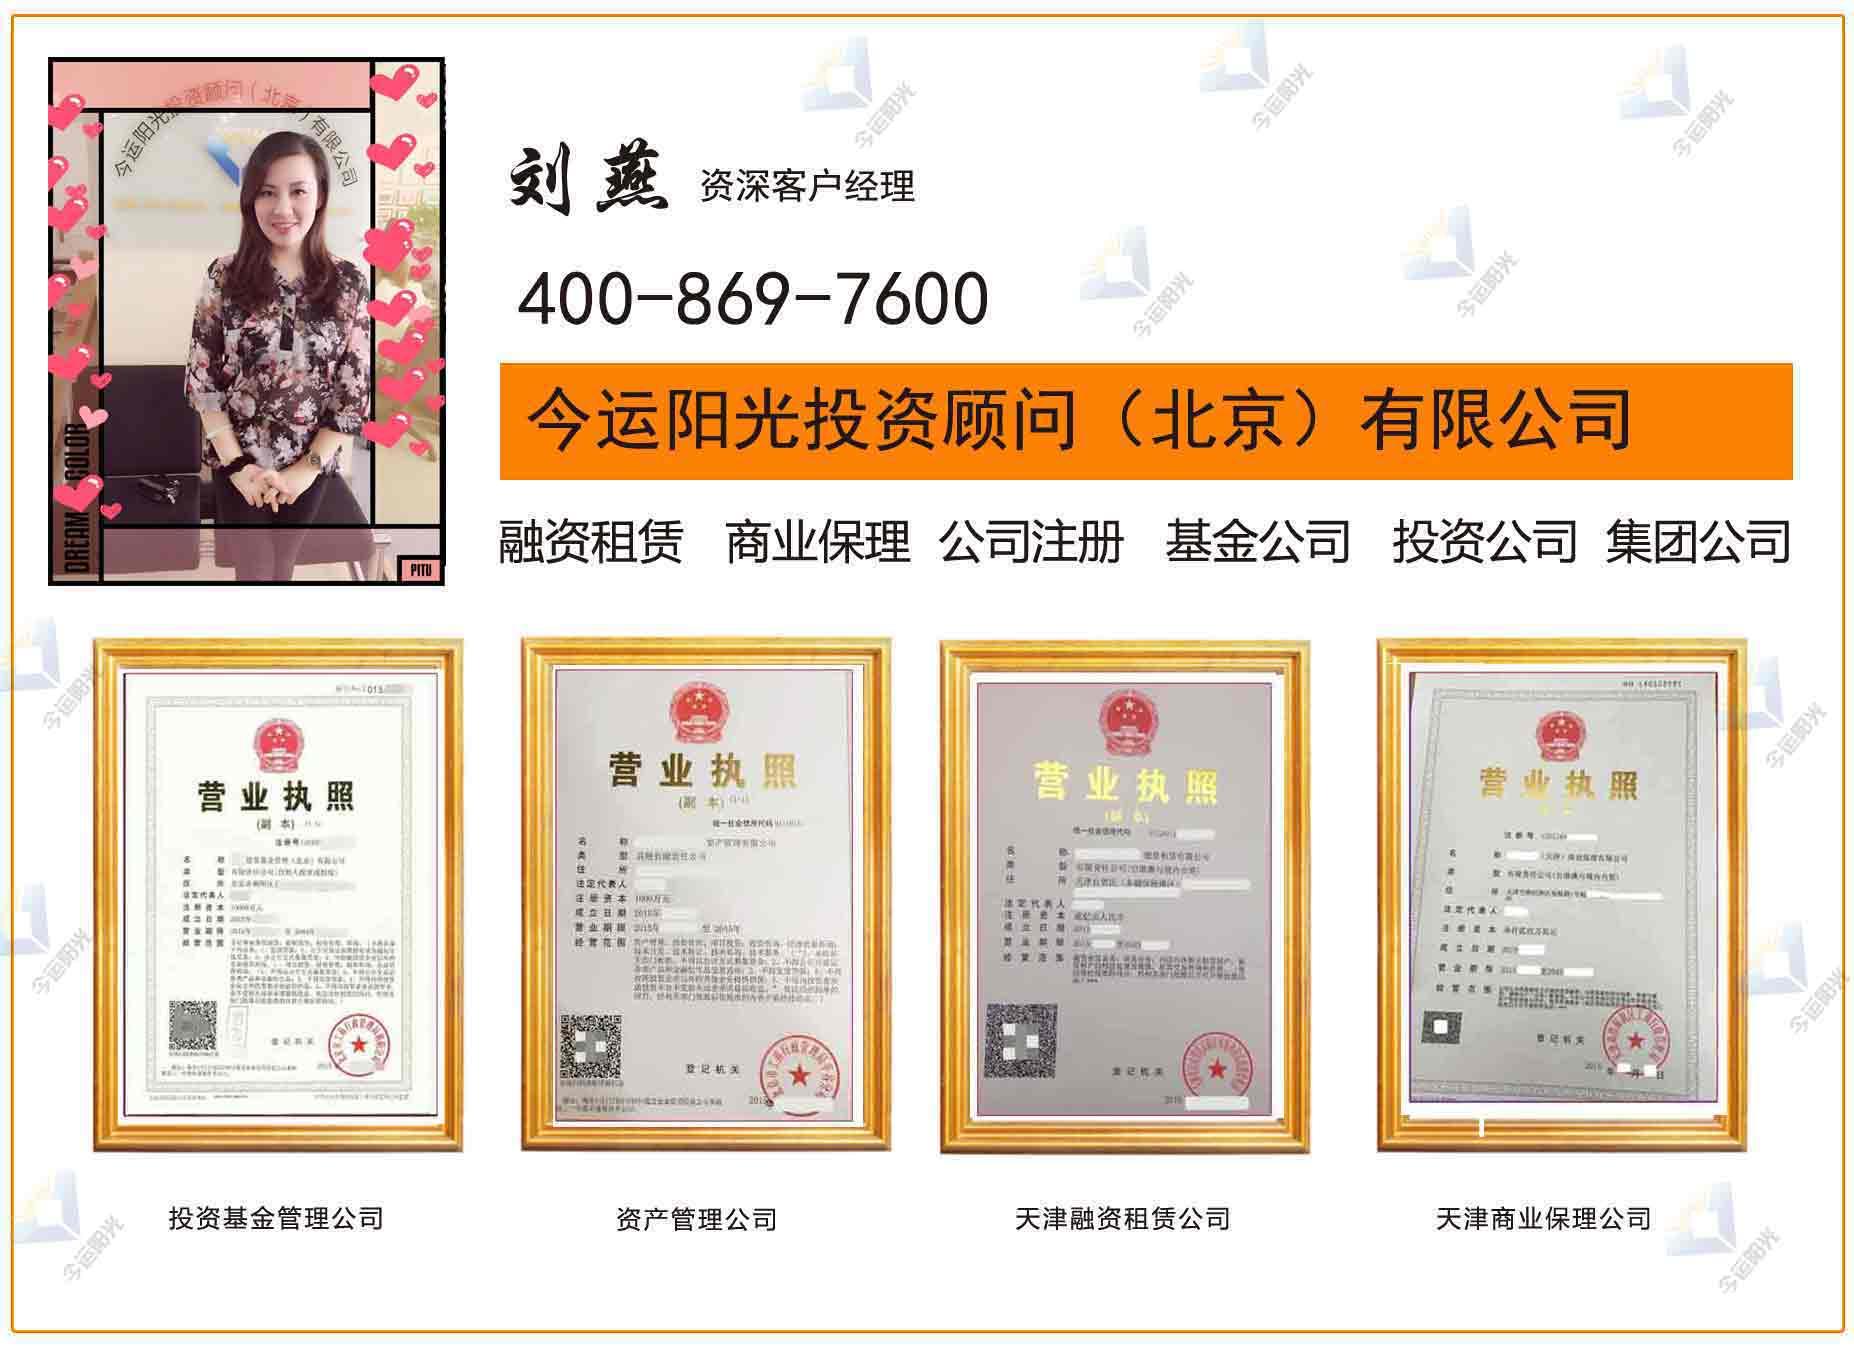 深圳前海1亿融资租赁公司注册办理